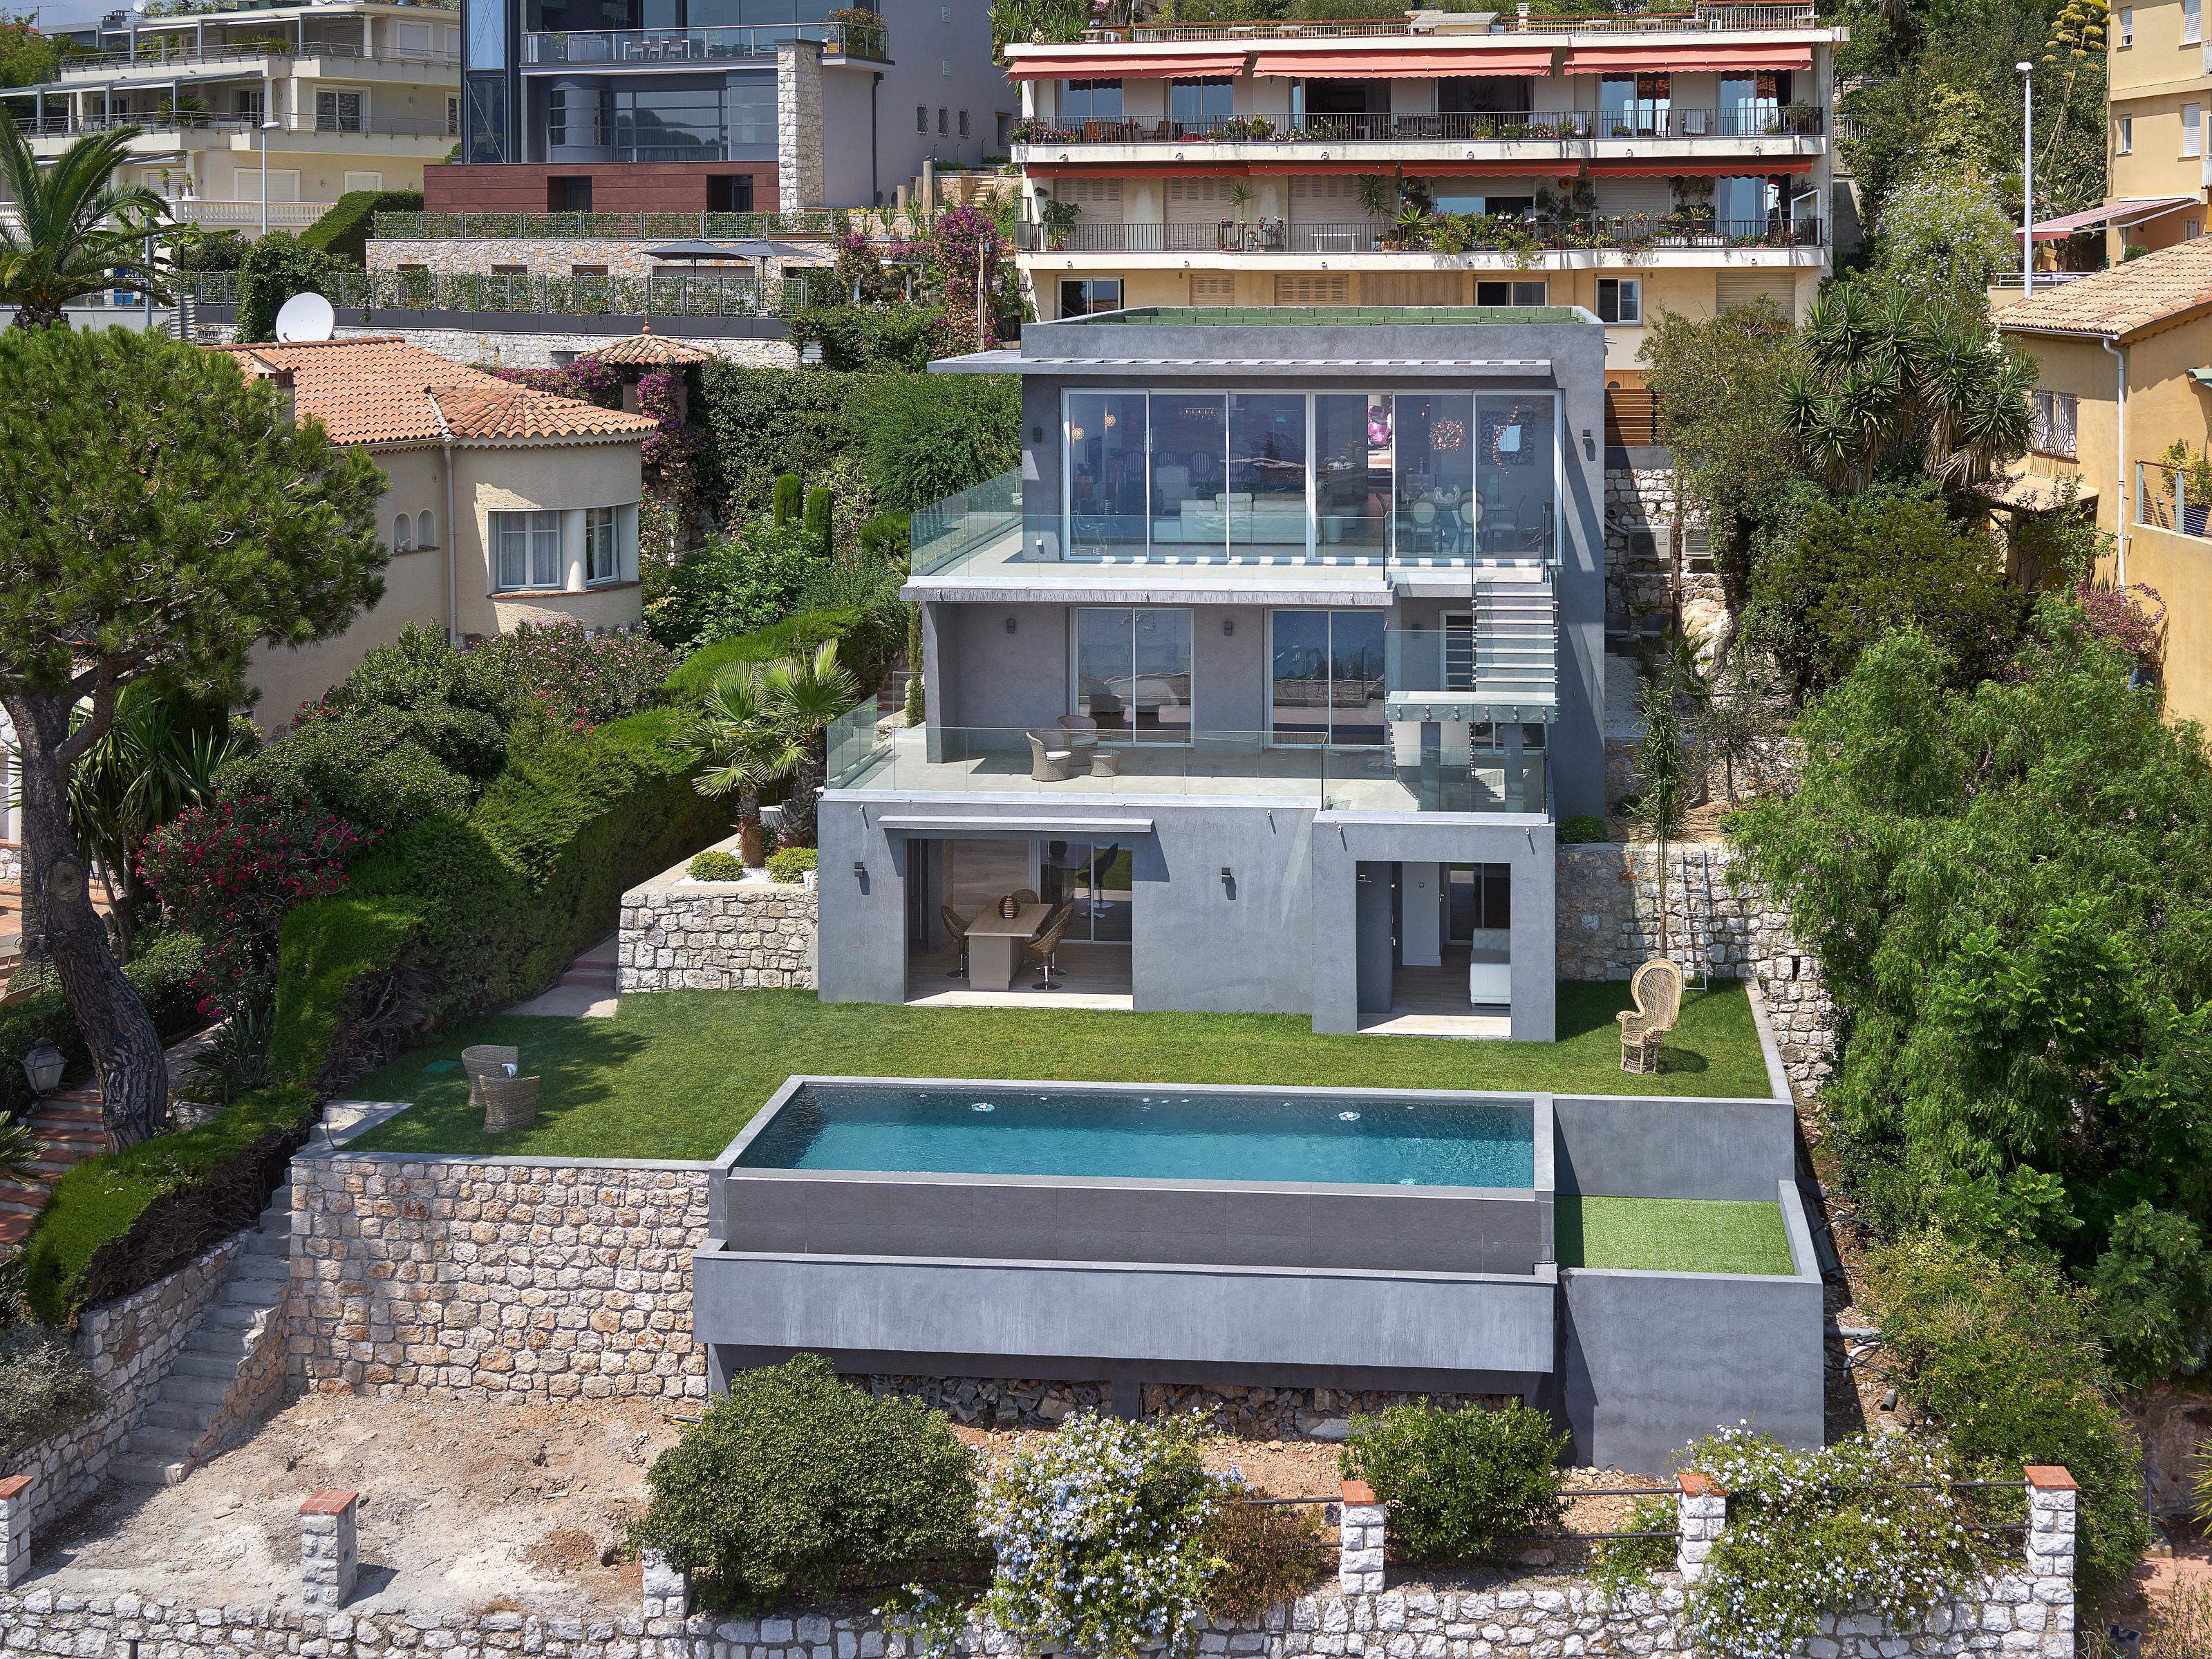 단독 가정 주택 용 매매 에 Contemporary villa with sea views in Villefranche Villefranche Sur Mer, 프로벤스 앞ㄹ프스 코테 D'Azur 06230 프랑스